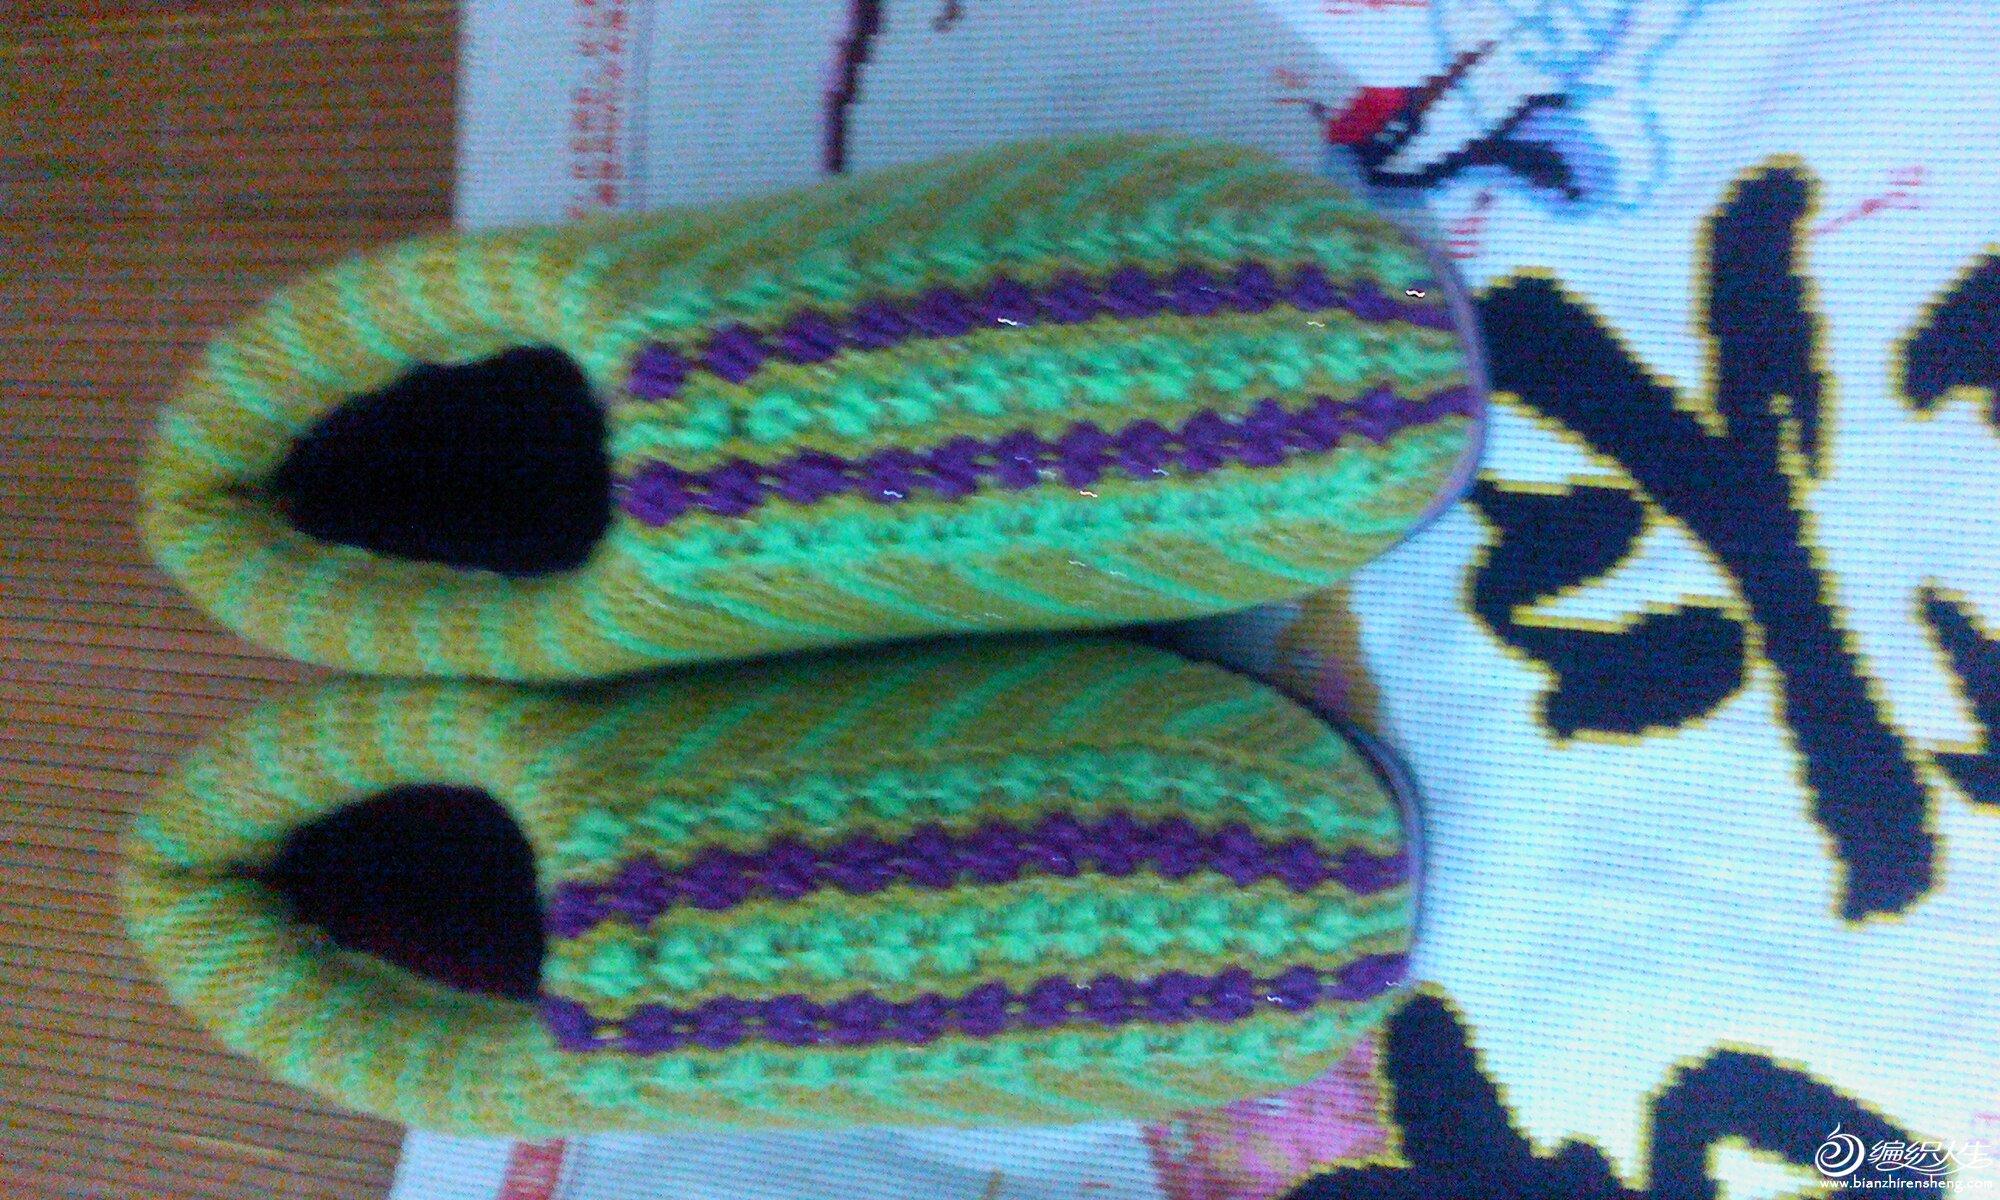 马上就要到冬天,想到家里的冬天特别冷,就一直想给妈妈亲手做双温暖的鞋子,而是周未上商店去采购必须品开工,我买了奶棉线,五个,38码轮胎底一双,还有海绵一套,线只用了二个半,也就是用3两线,13号短针,三种颜色相间织,我是按自已的想法织的,37针开织,来回织平针,三个来回一个颜色再间一个效颜色织一个回来,织八组,与晴晴的太阳花棉鞋http://bbs.